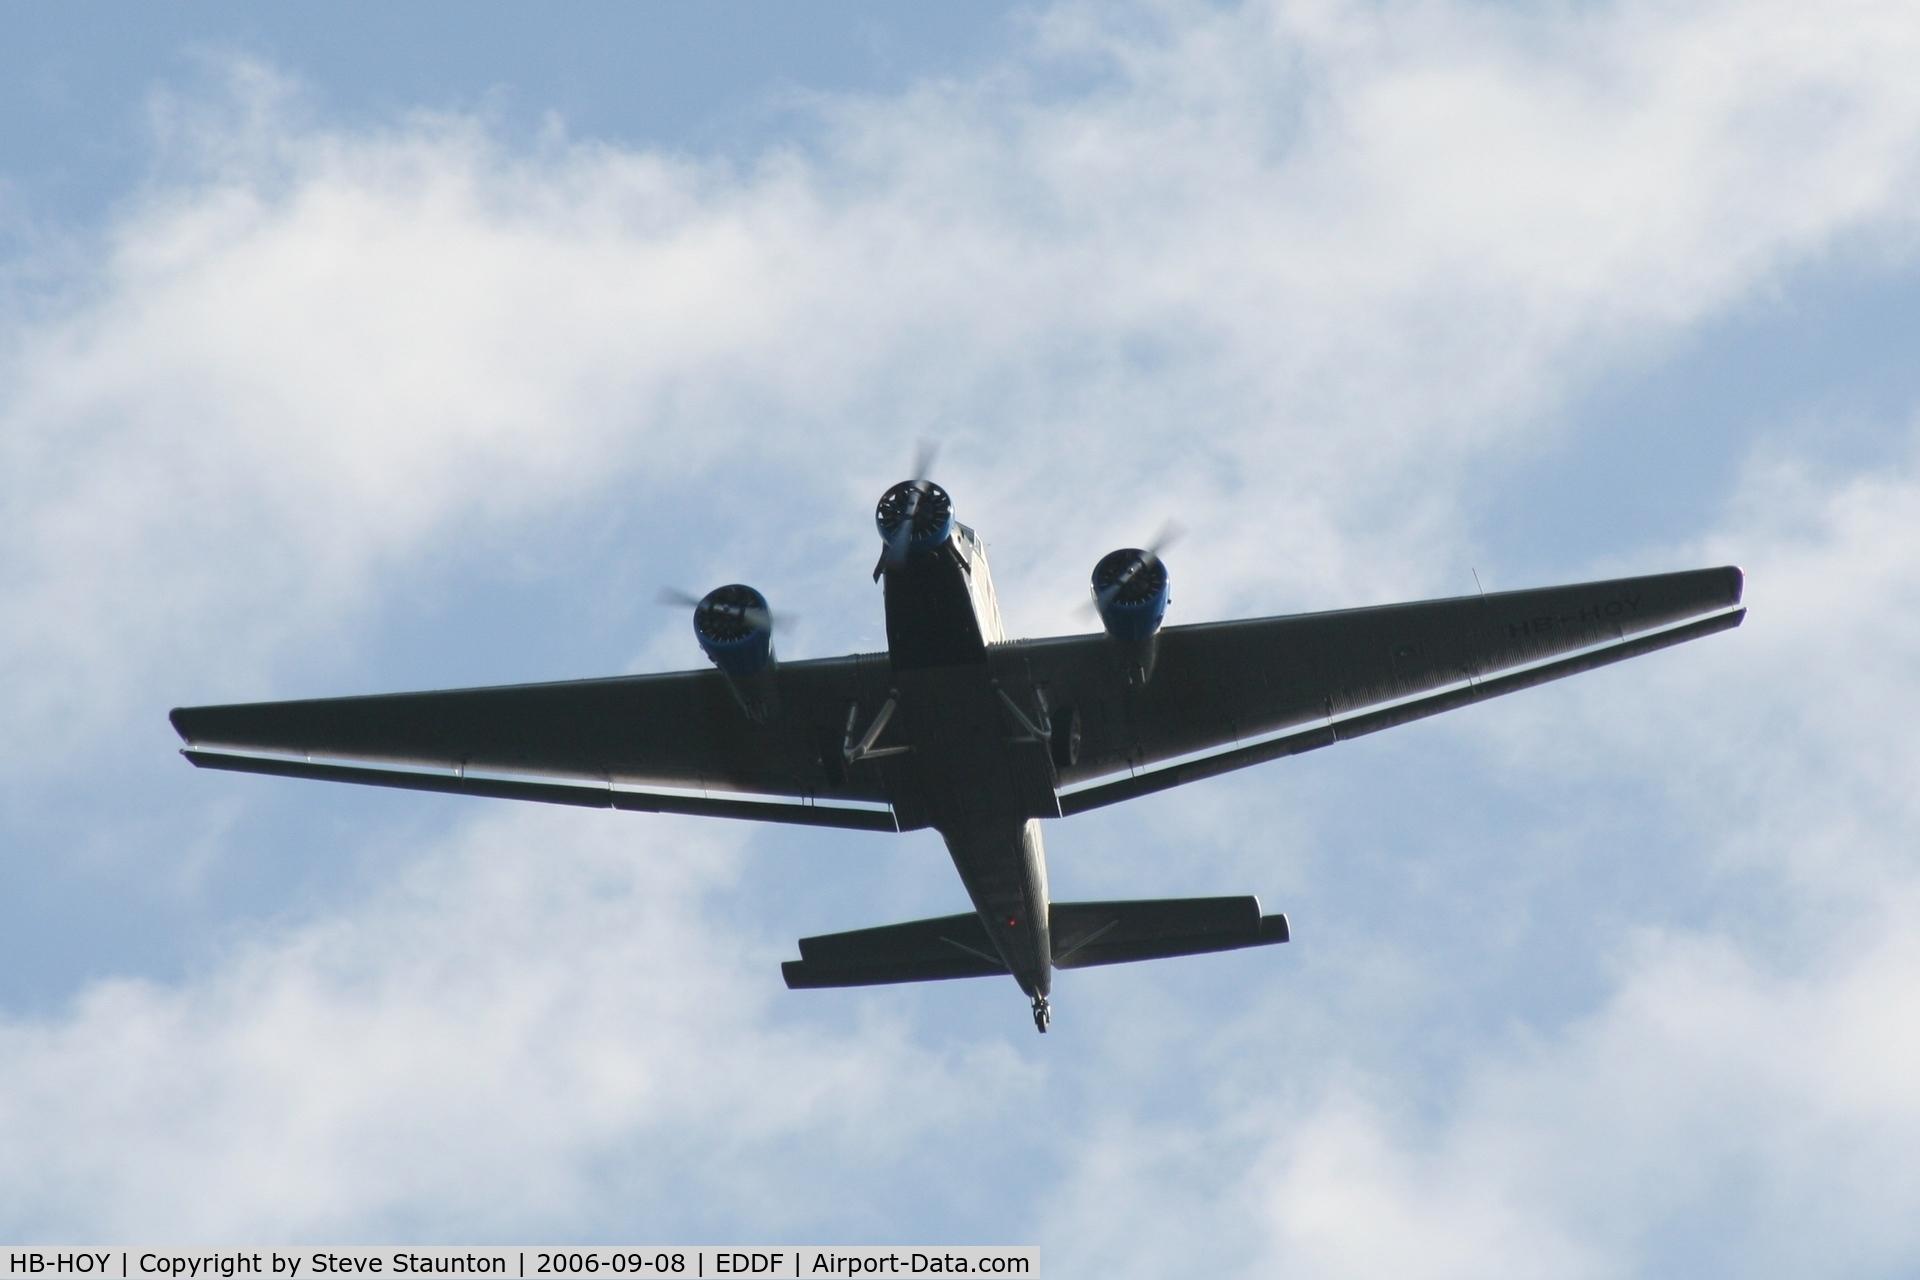 HB-HOY, 1949 Junkers (CASA) 352A-3 (Ju-52) C/N 96, Taken at Frankfurt September 2006